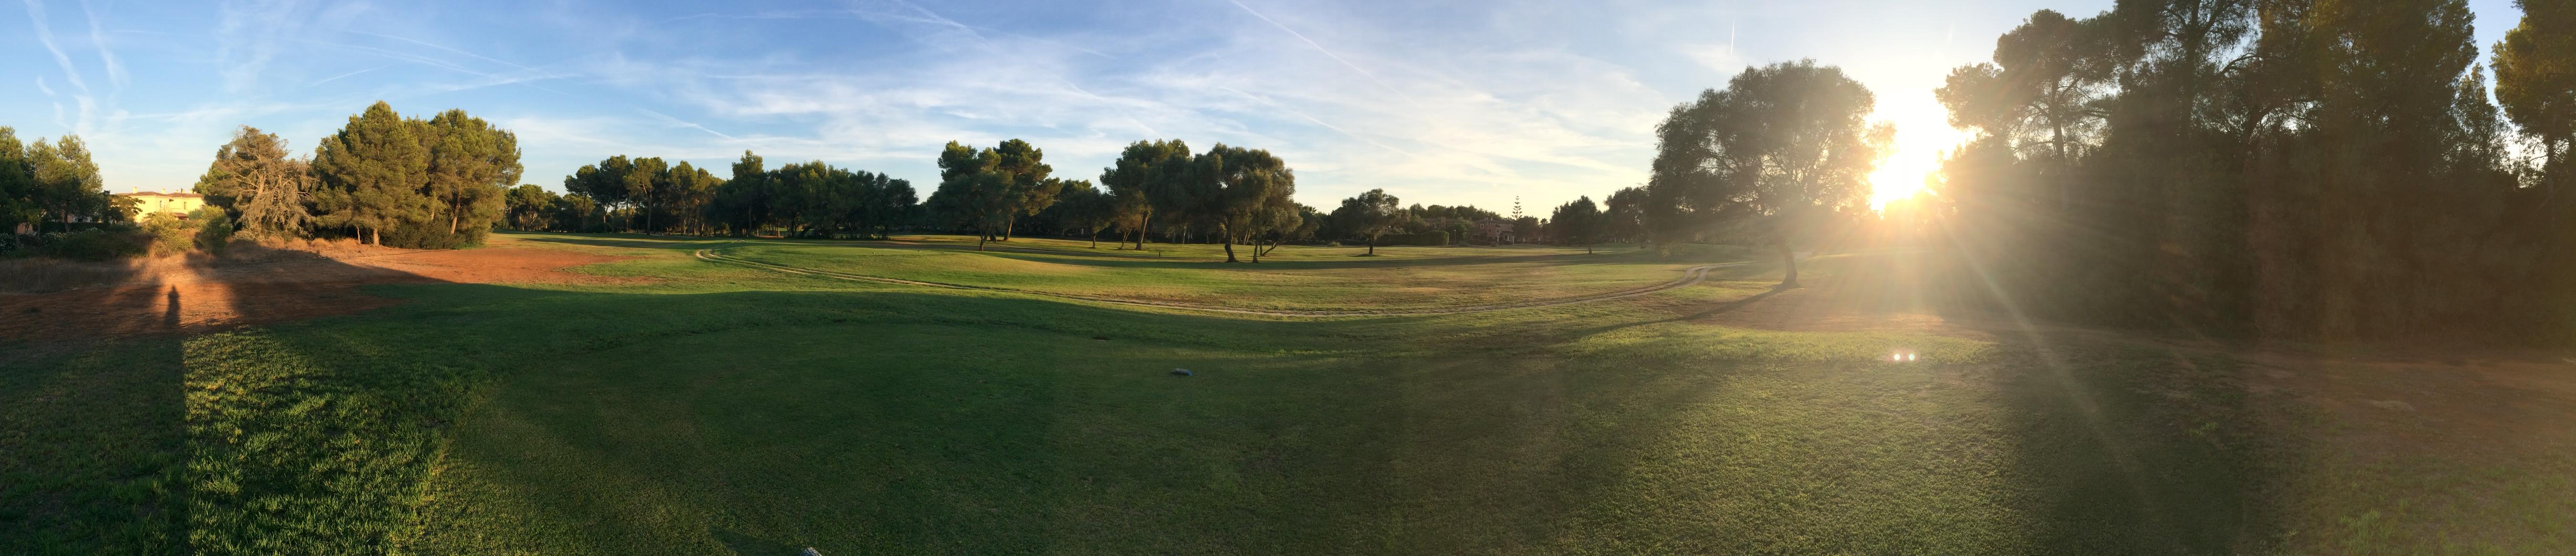 Marriott Son Antem Blick auf den Golfplatz